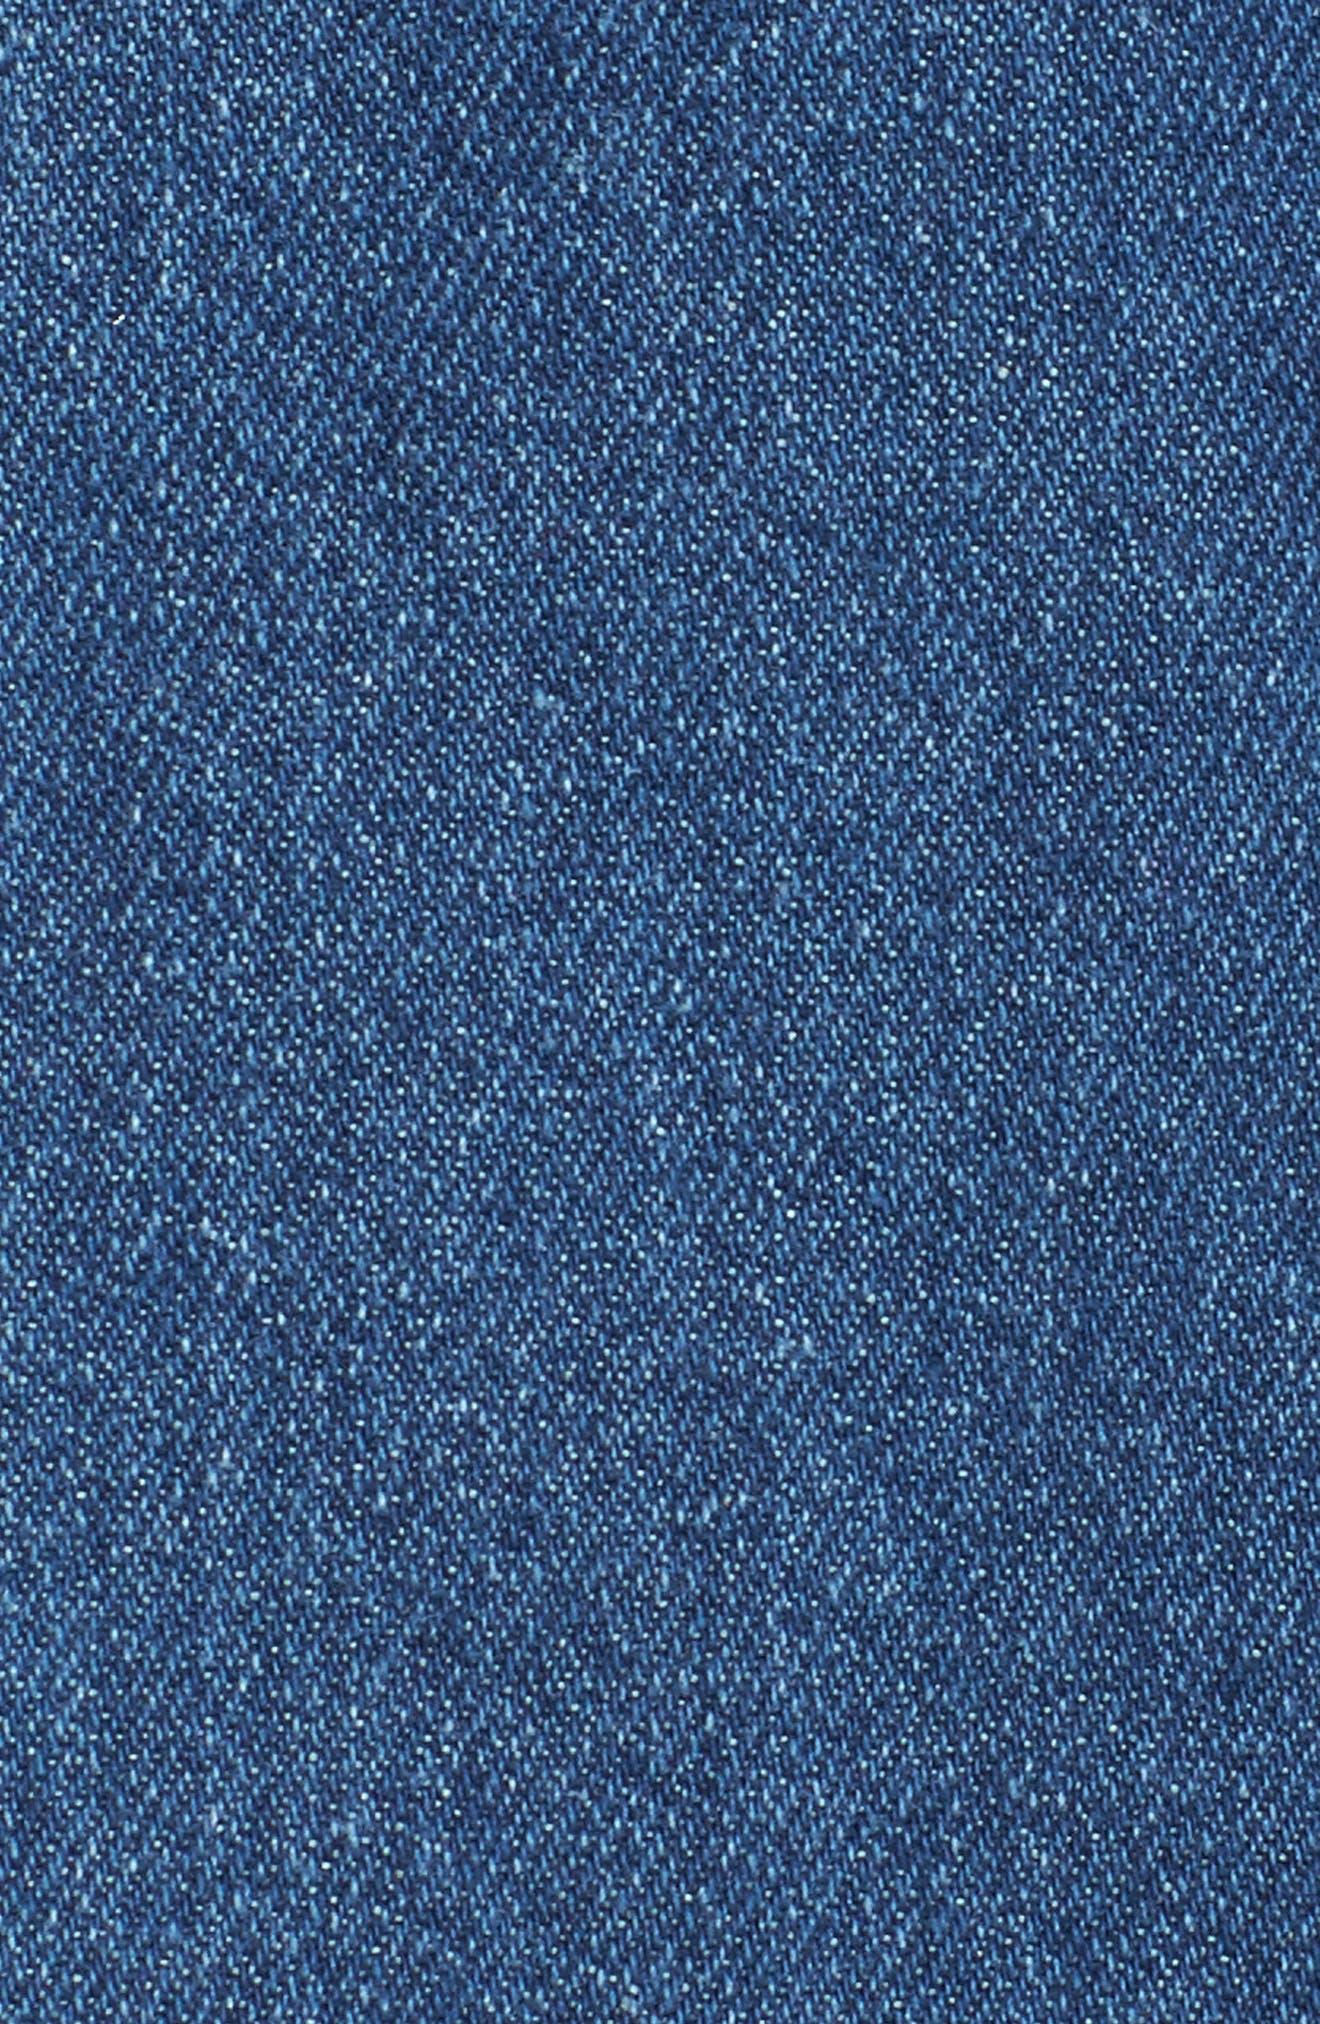 Button Front Denim Dress,                             Alternate thumbnail 5, color,                             401